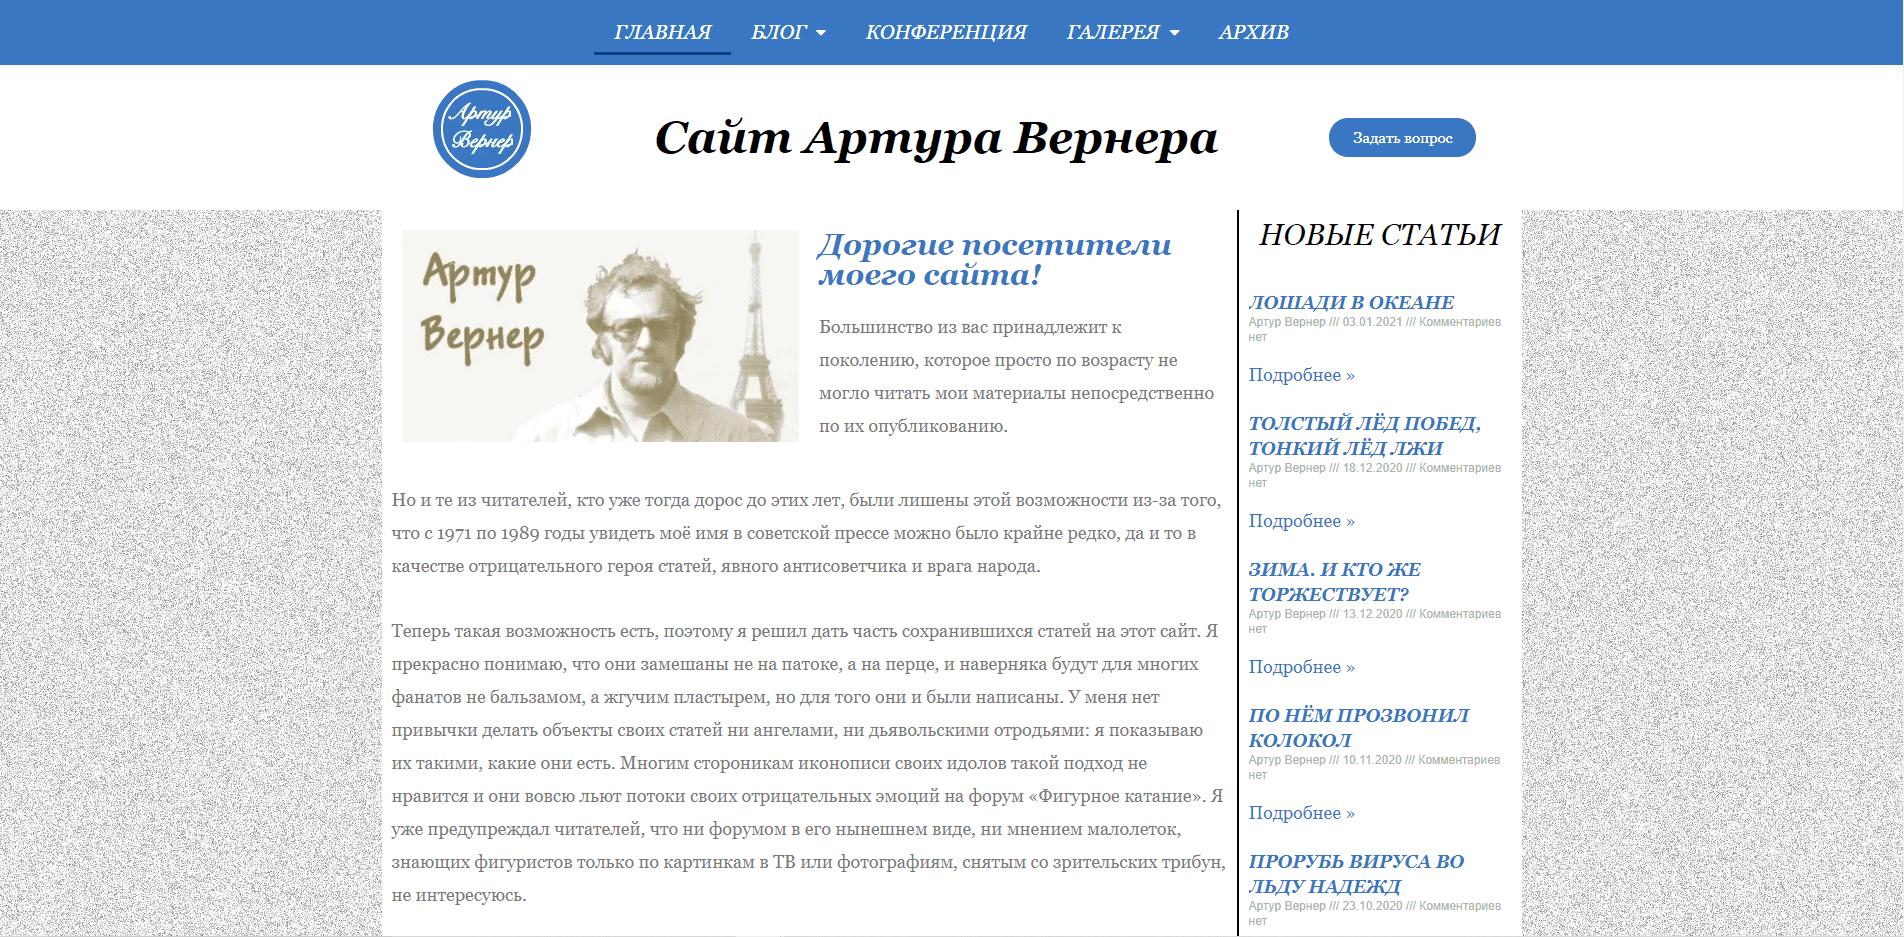 Сайт Артура Вернера